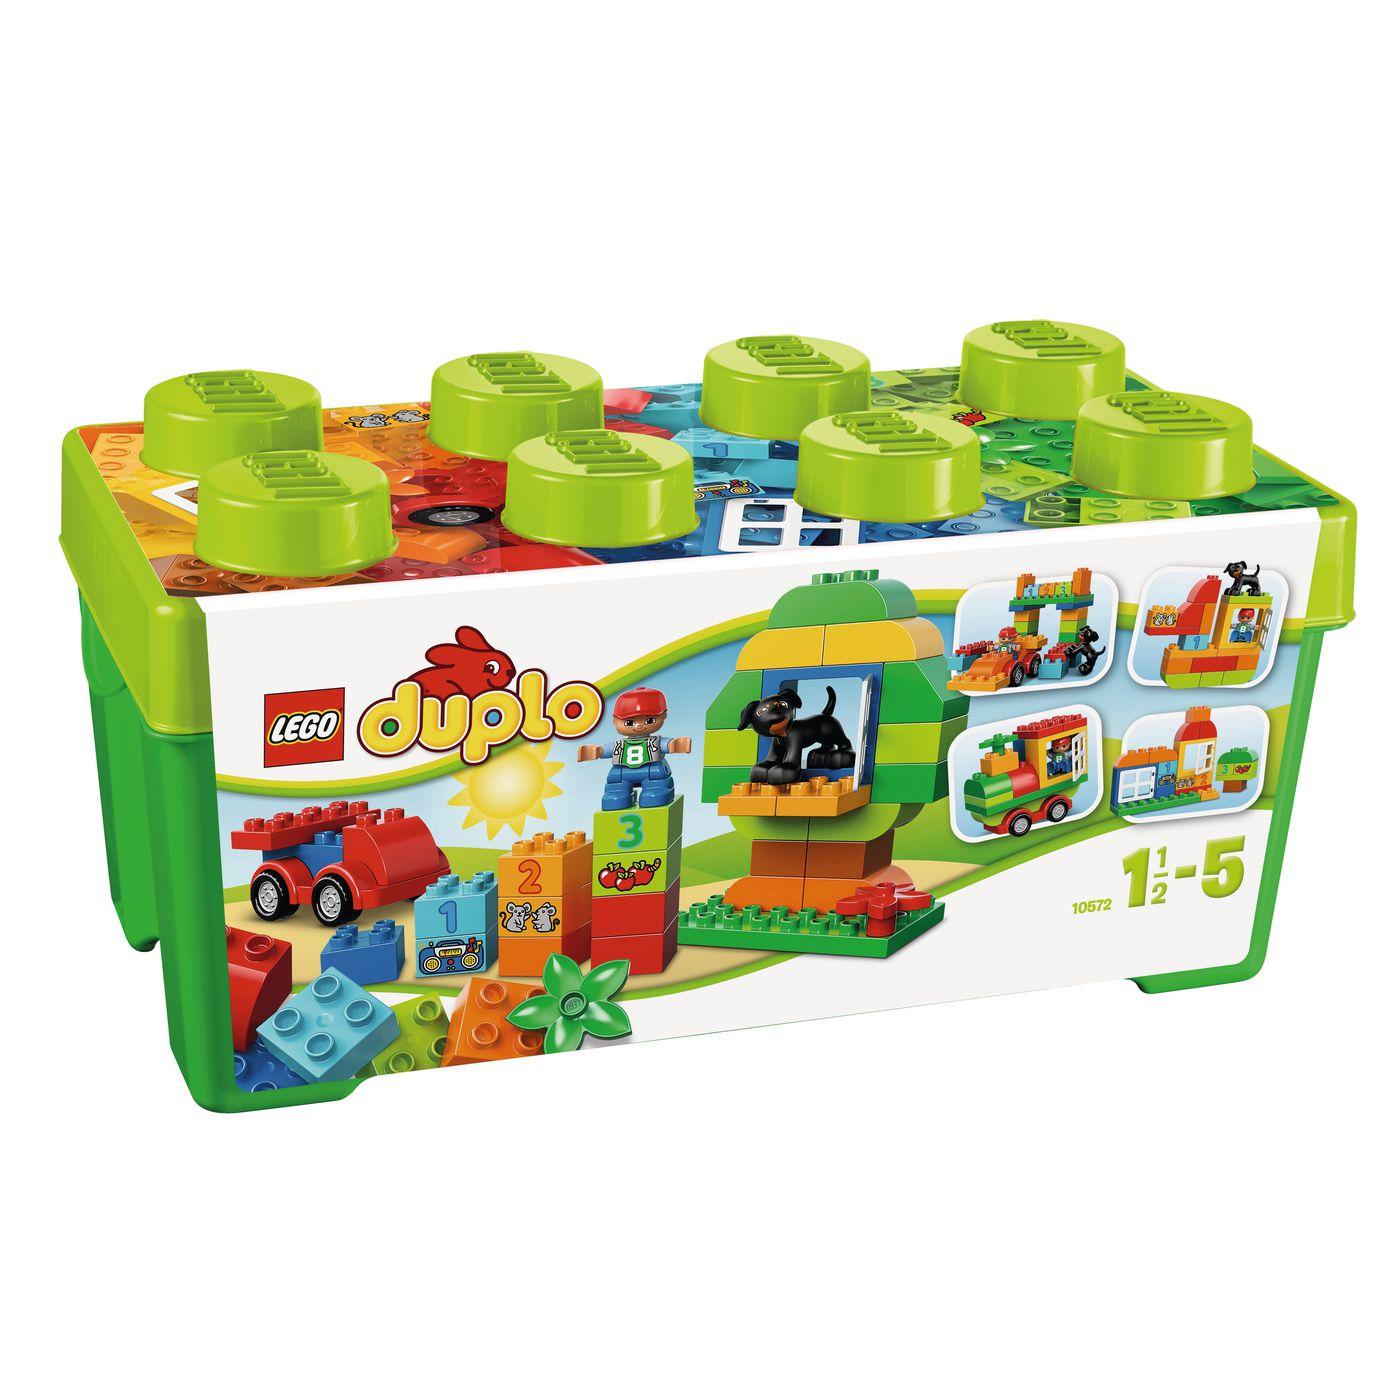 5€ Rabatt (ab 20€ MBW) und versandkostenfreie Lieferung bei [Jako-O] z.B. Lego Duplo 10572 Steinebox für 18,29€ statt ca. 23€